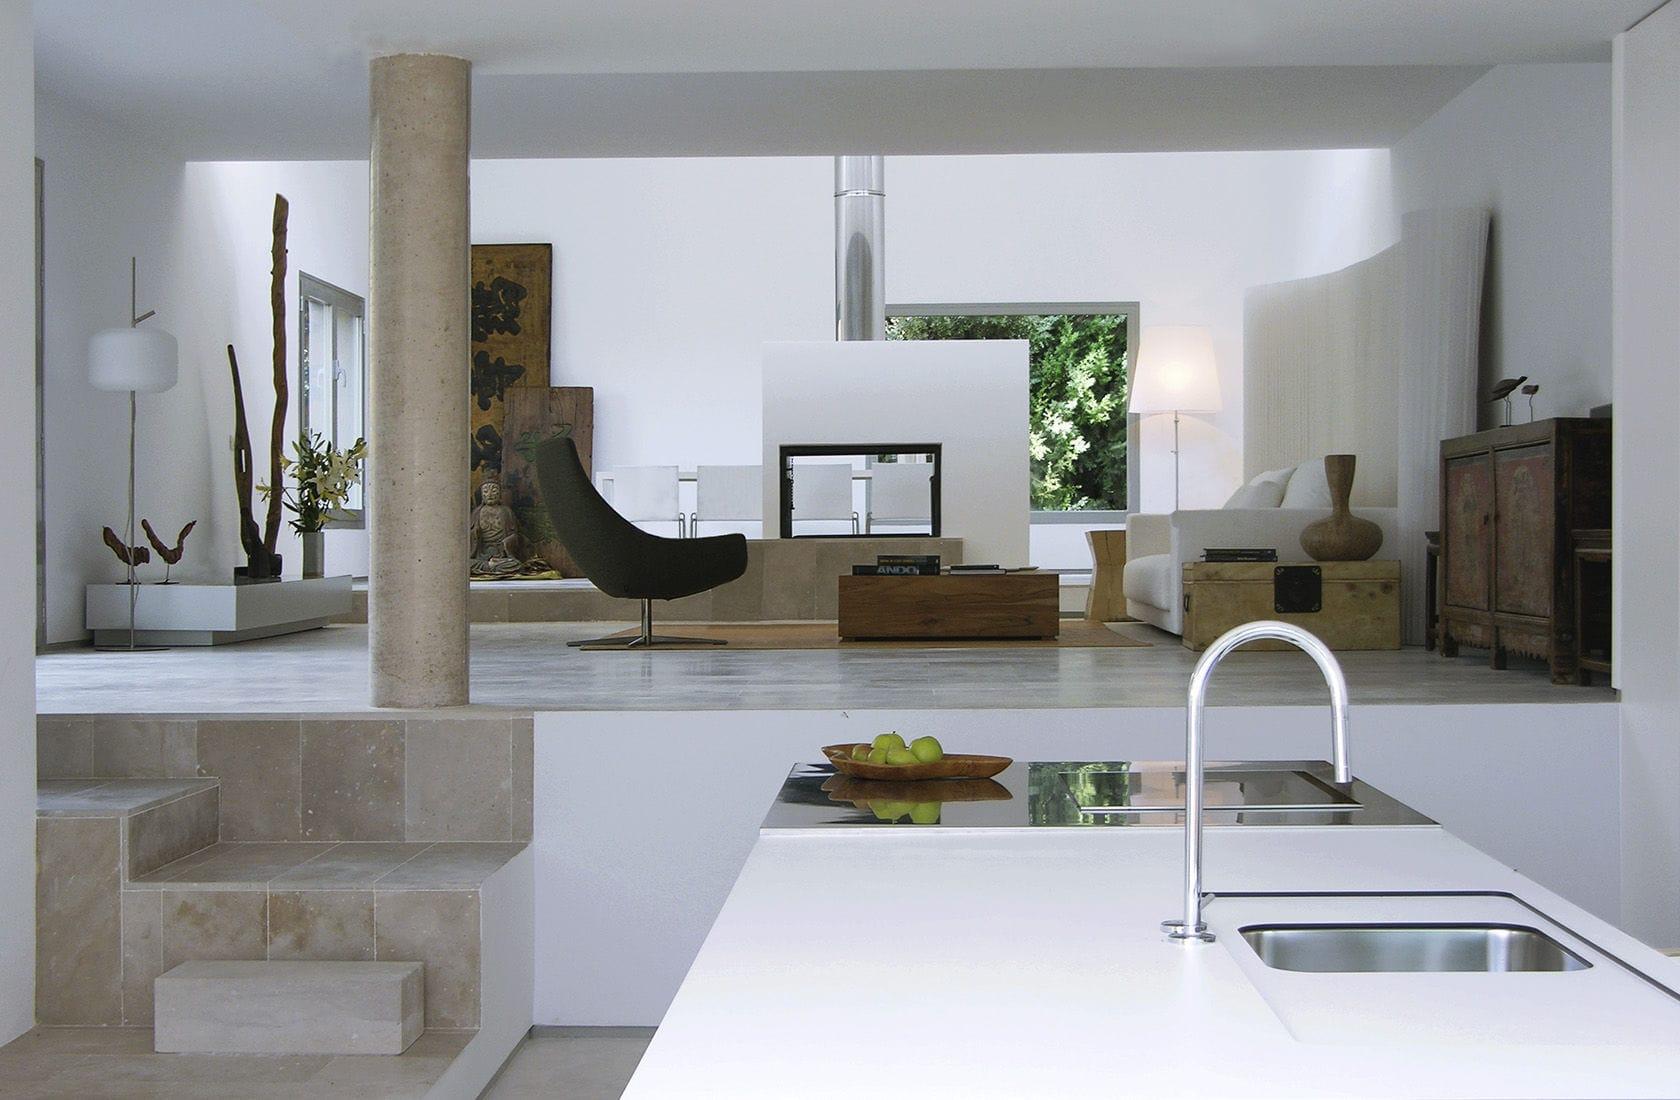 Maison Ossature Métallique Contemporaine maison passive / contemporaine / ossature métallique